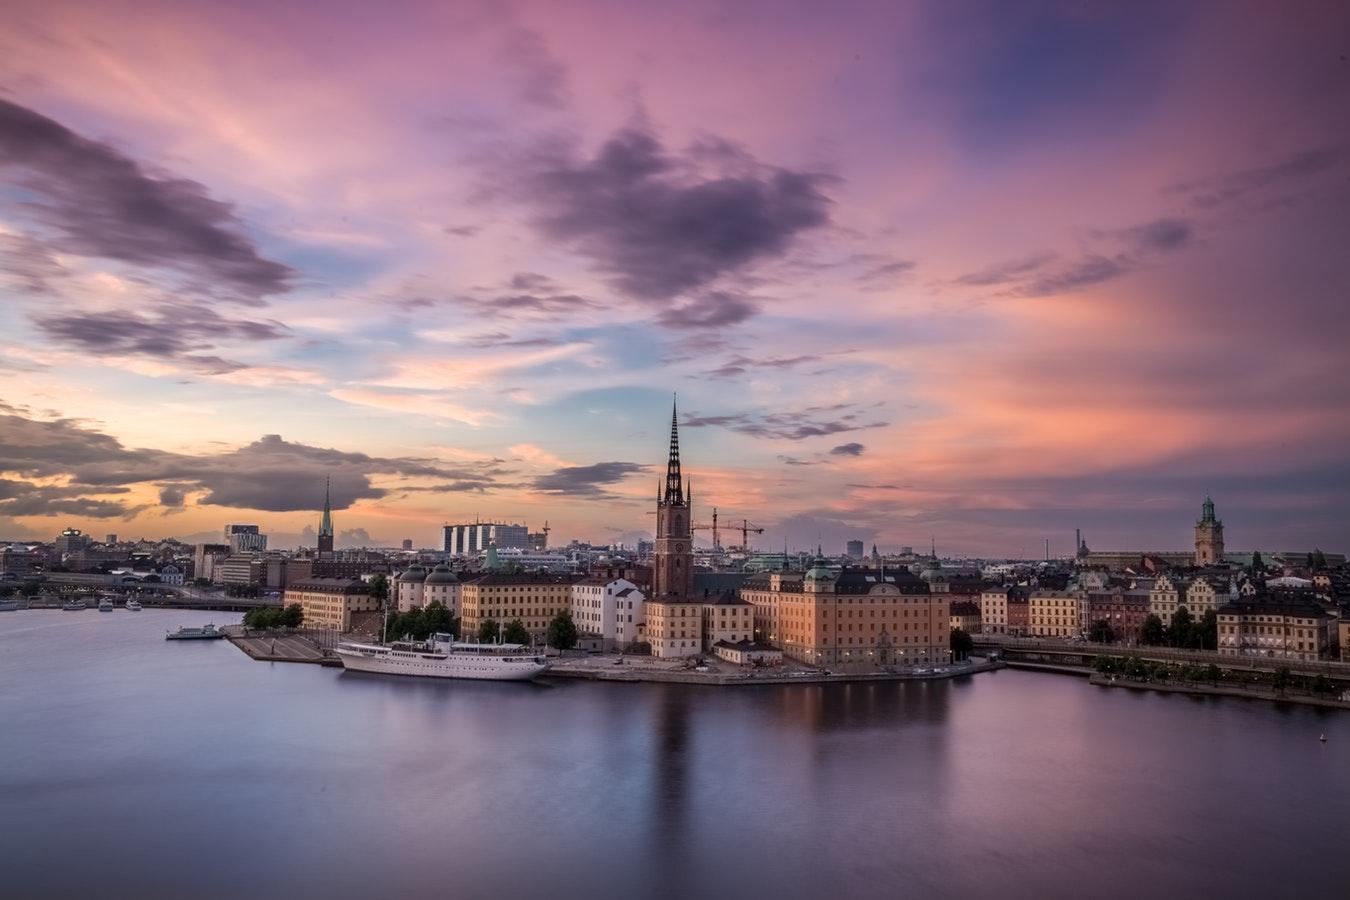 Swedish cityscape image